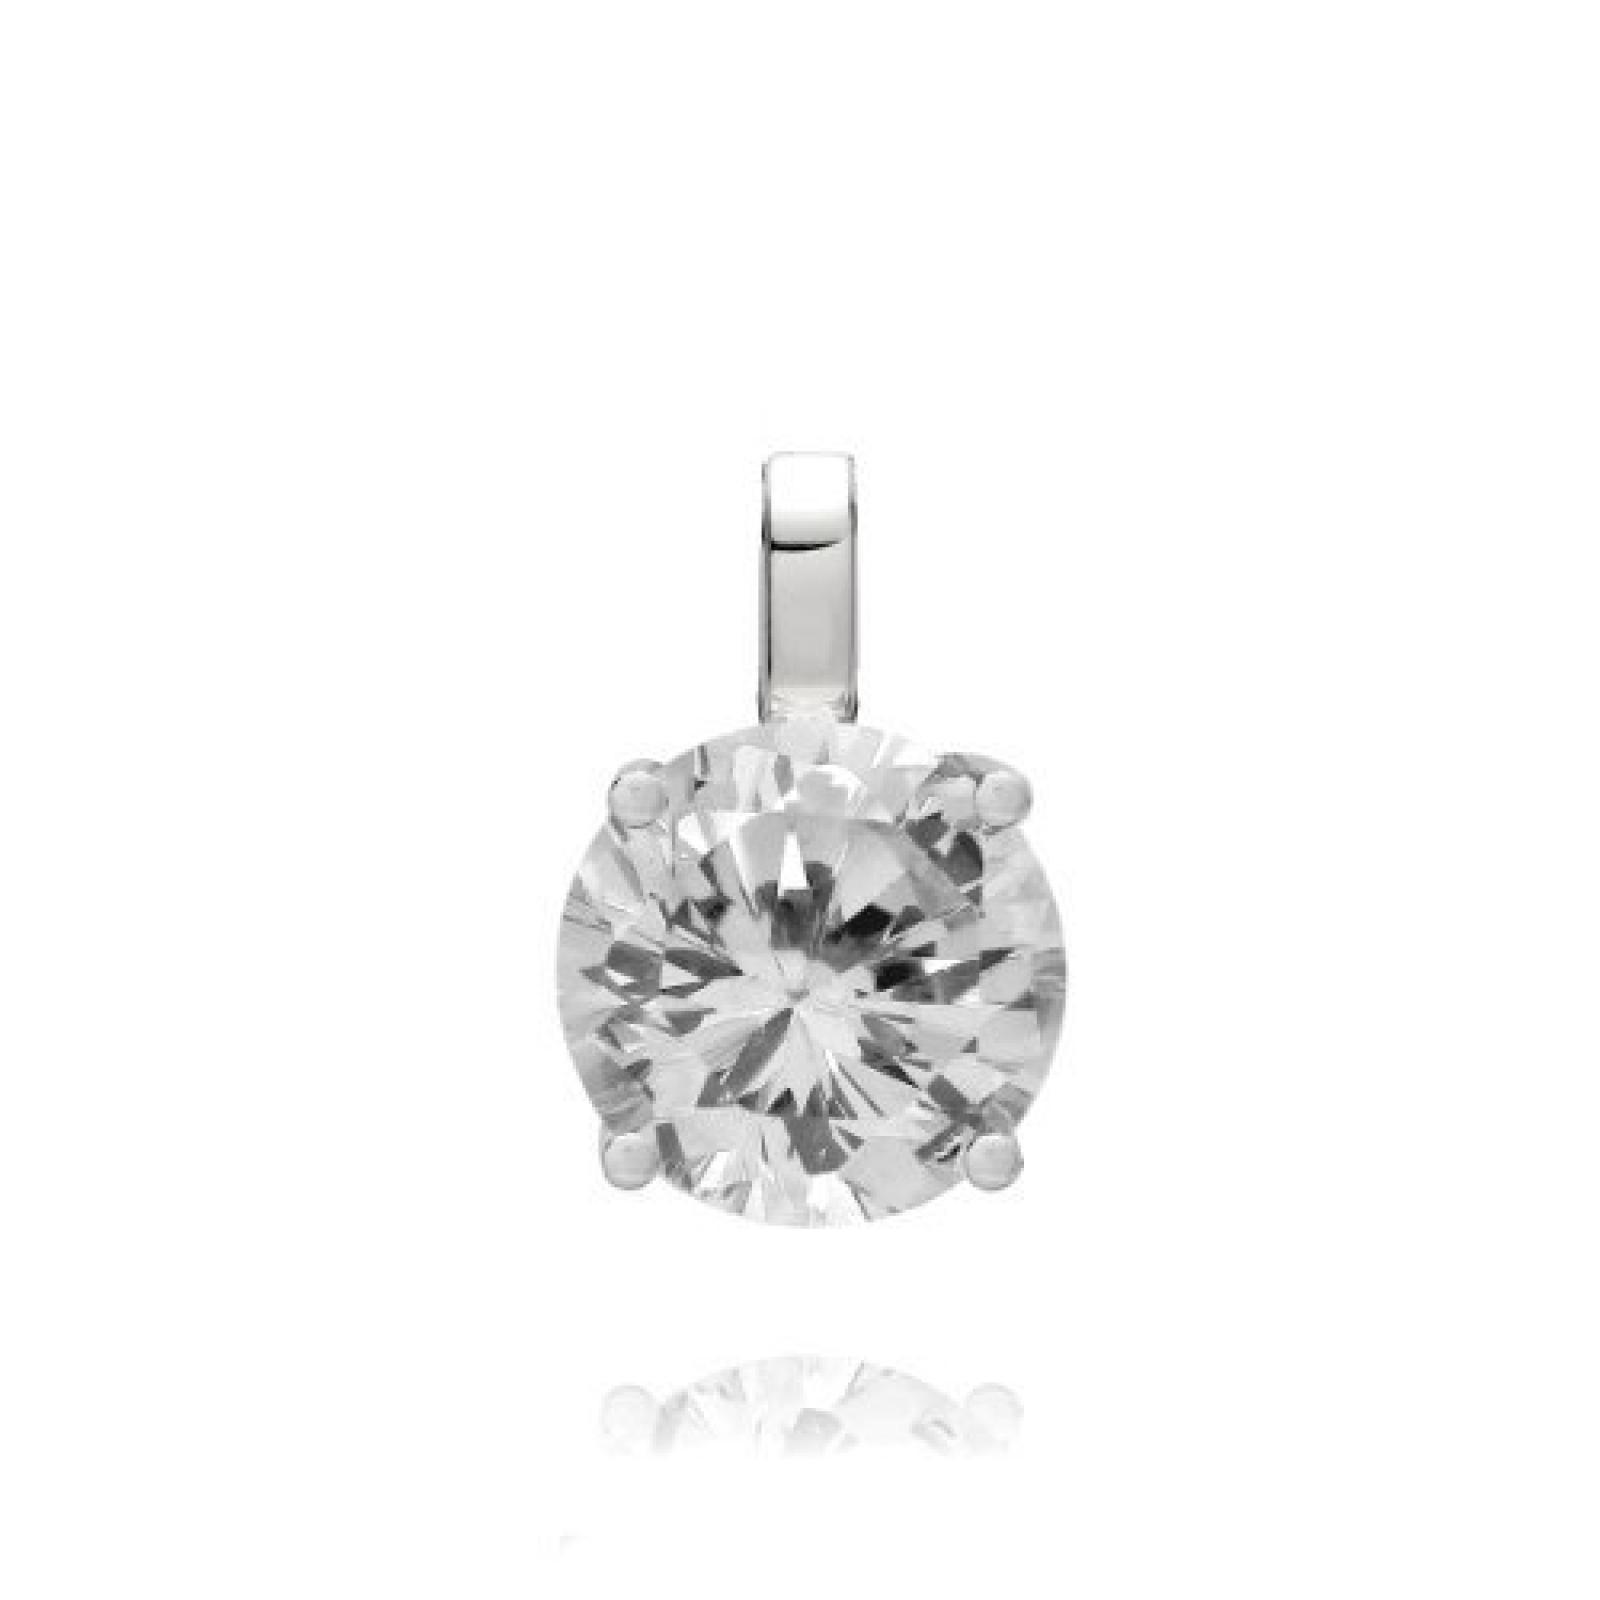 Rafaela Donata Damen-Anhänger Classic Collection 925 Sterling Silber Zirkonia weiß 60837056